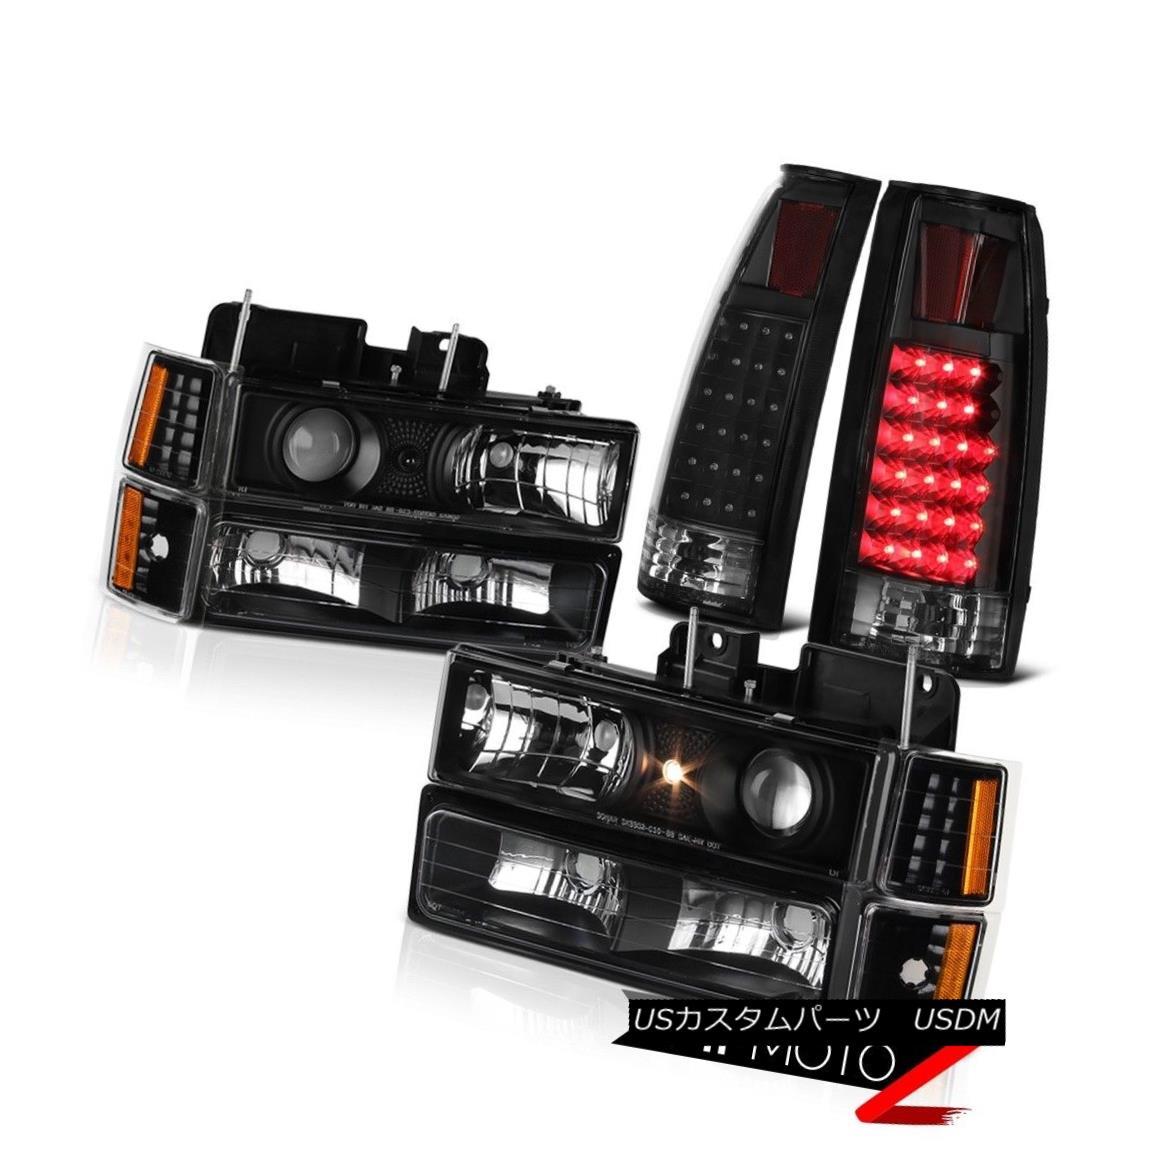 テールライト 94 95 96 97 98 Chevy Suburban CK 1500 2500 LED Rear Stop Tail Light Headlights 94 95 96 97 98シボレー郊外CK 1500 2500 LEDリアストップテールライトヘッドライト